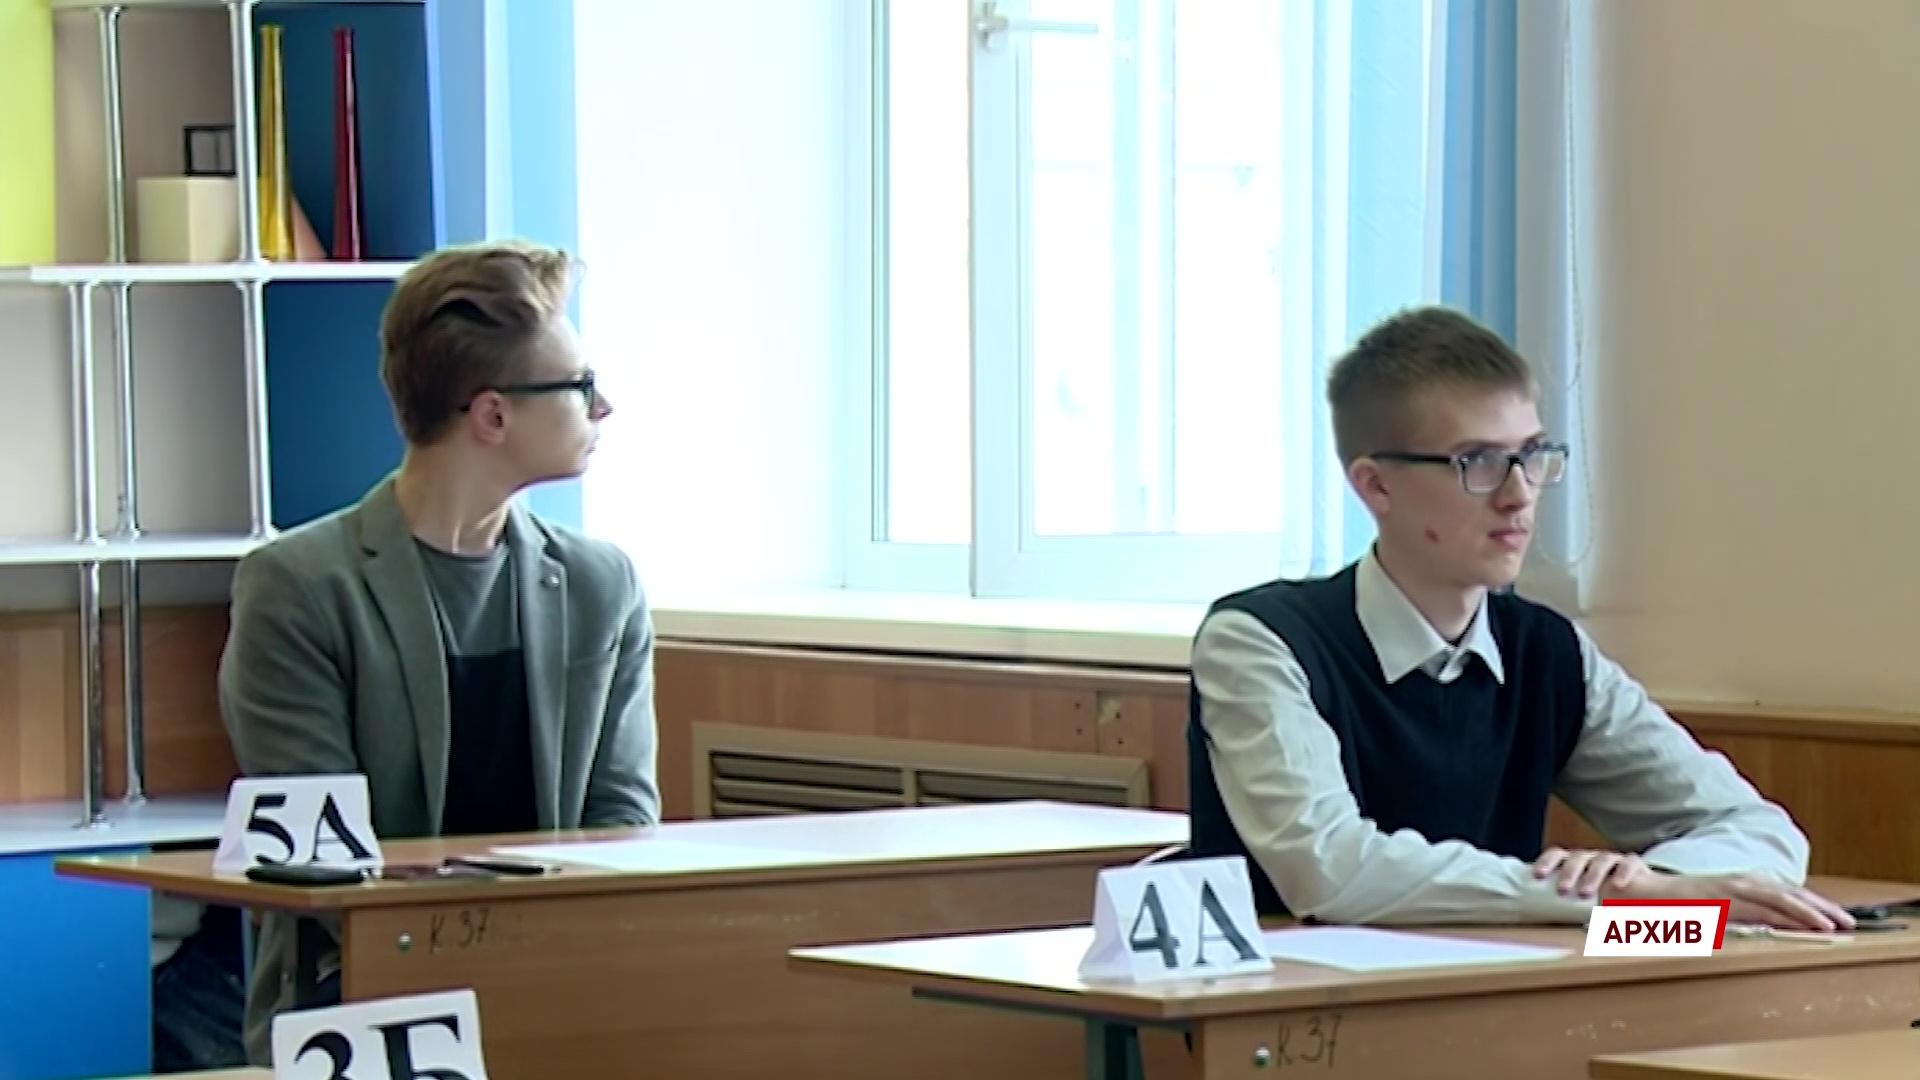 Ярославские выпускники стали лучше сдавать ЕГЭ: каковы первые результаты